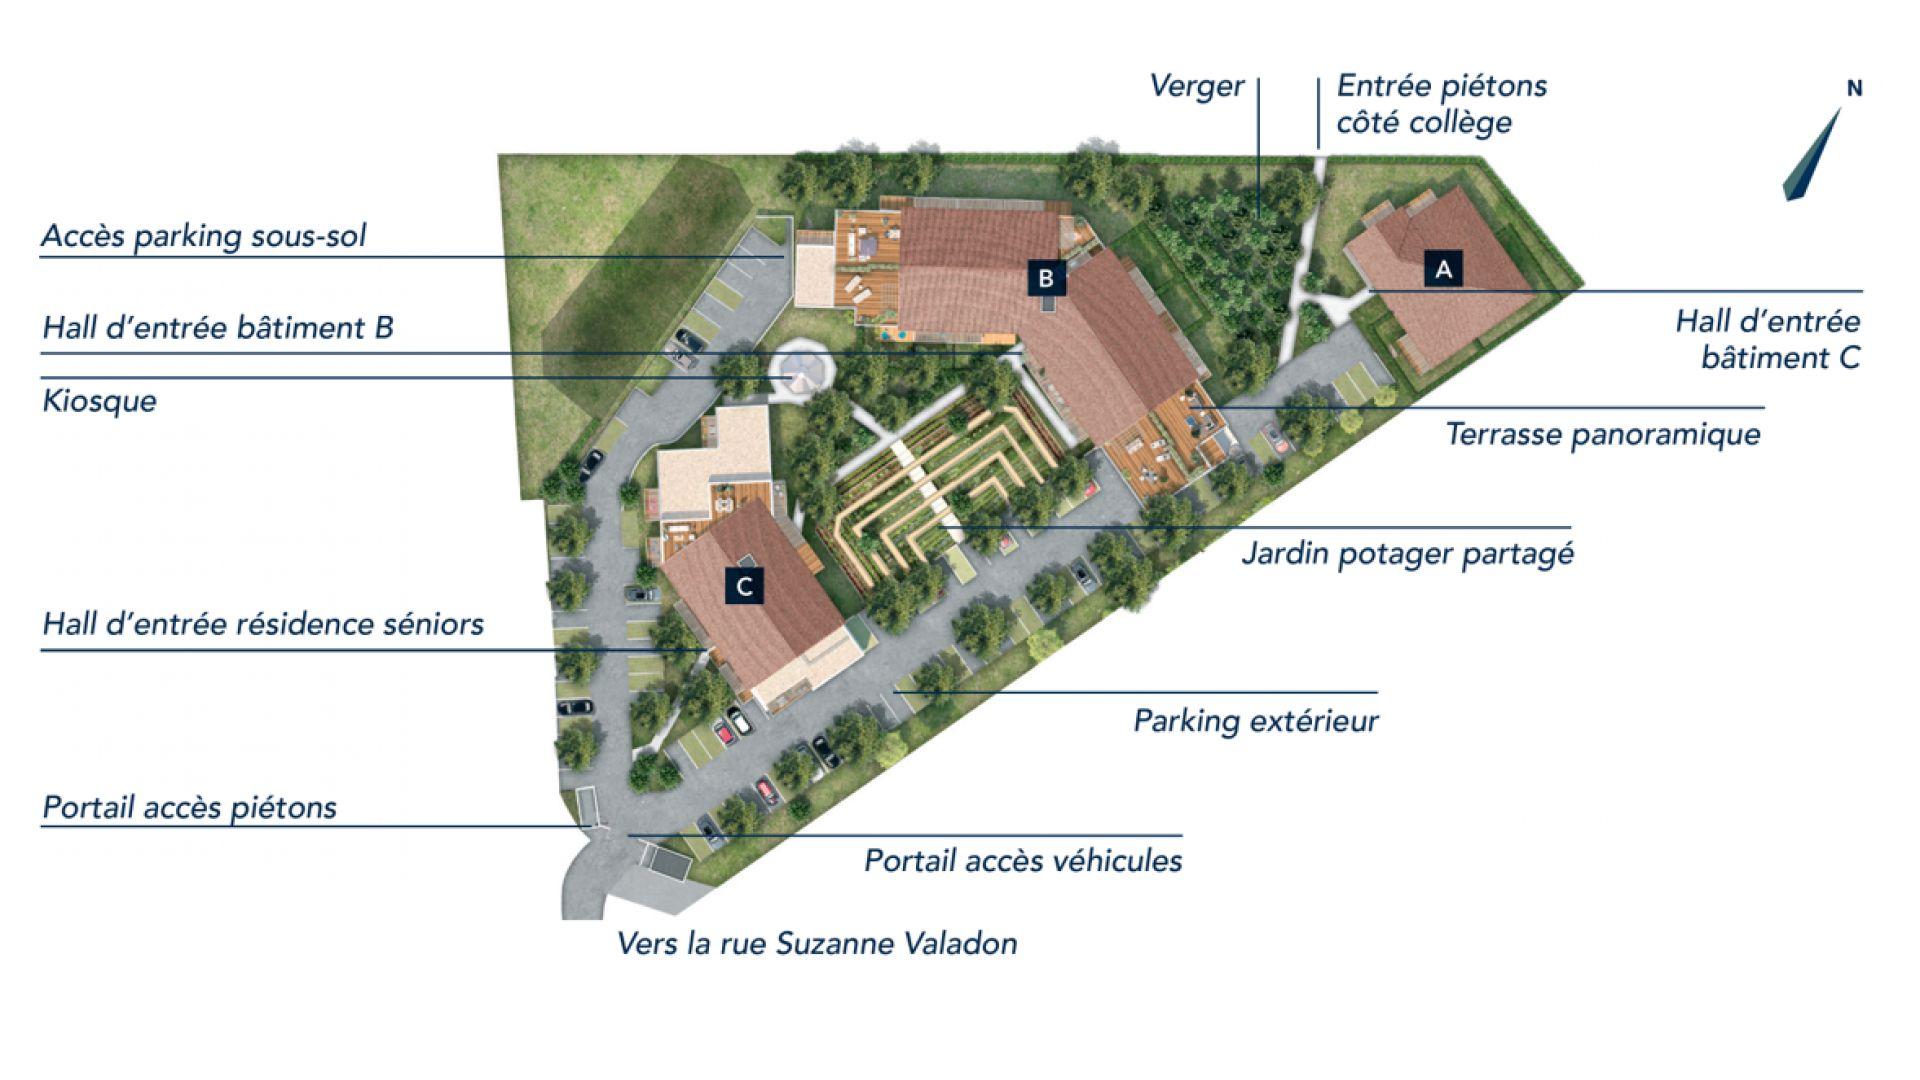 Greencity Immobilier - Domaine Marignac - Achat appartements à Montrabé 31850 - plan de masse